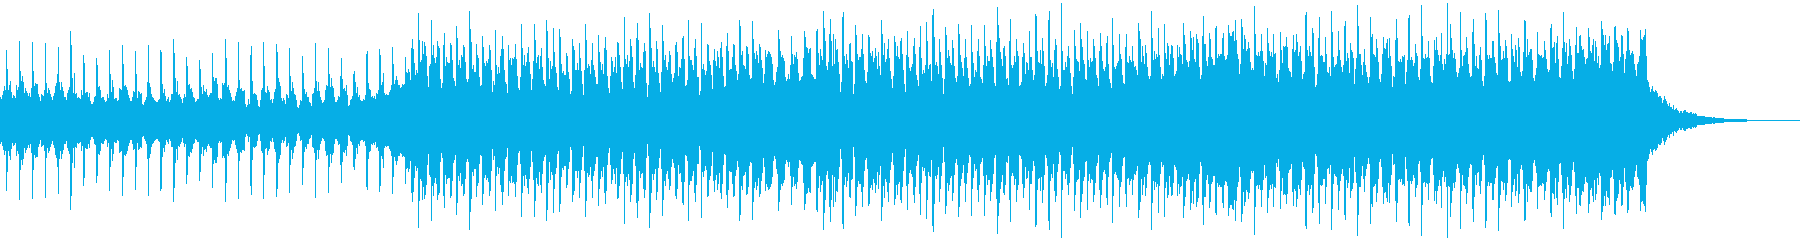 企業VP系155、爽やか4つ打ちハウスHの再生済みの波形